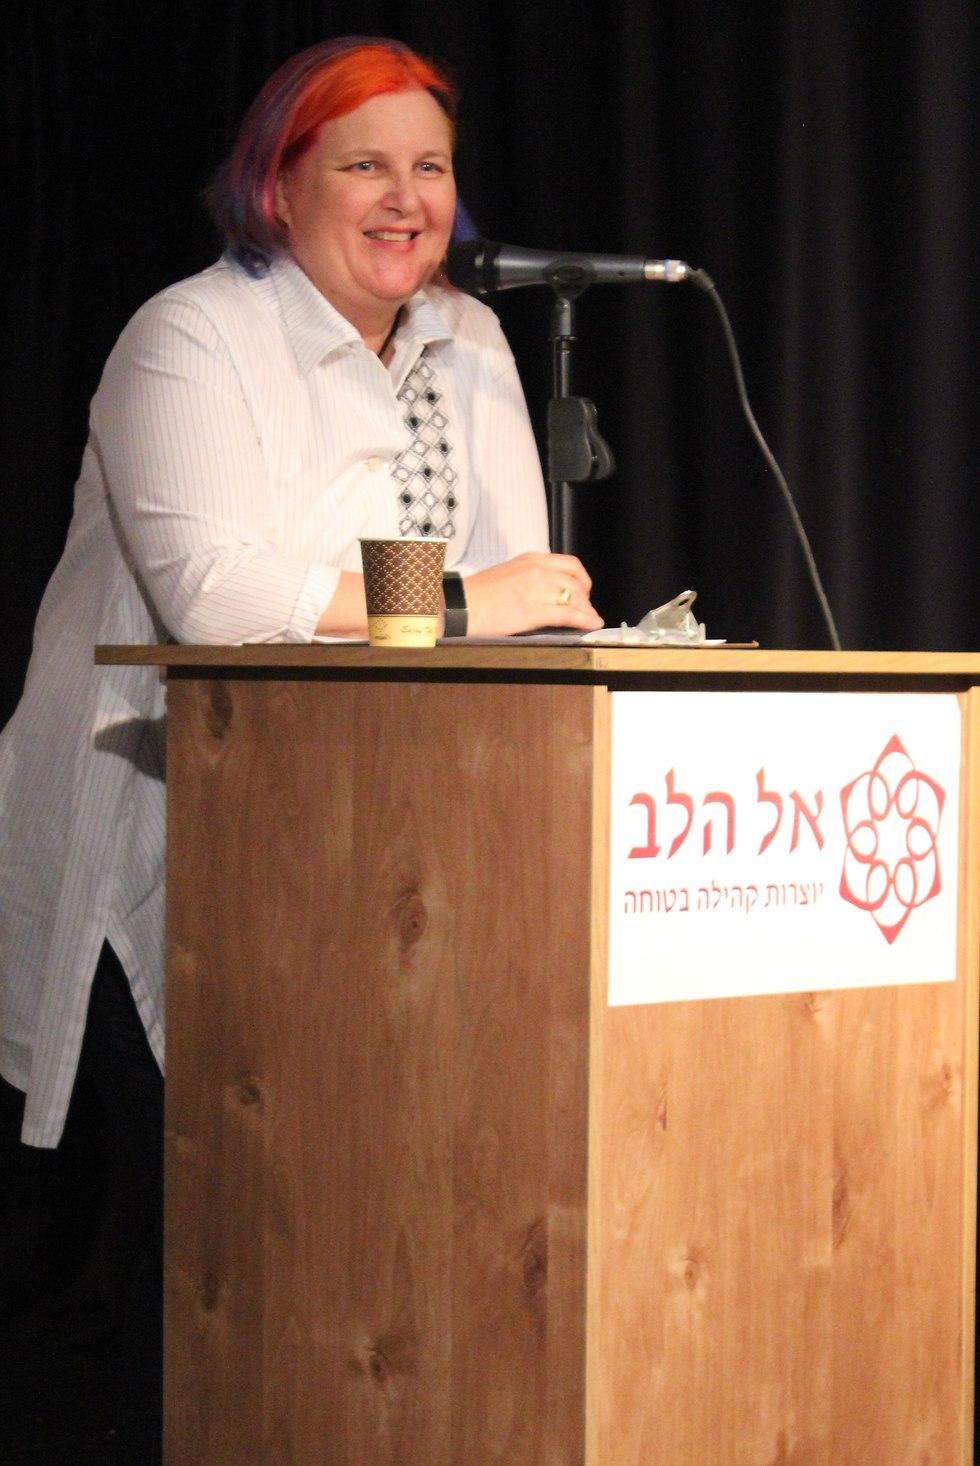 יהודית זיכלין-סידיקמן, מנכ